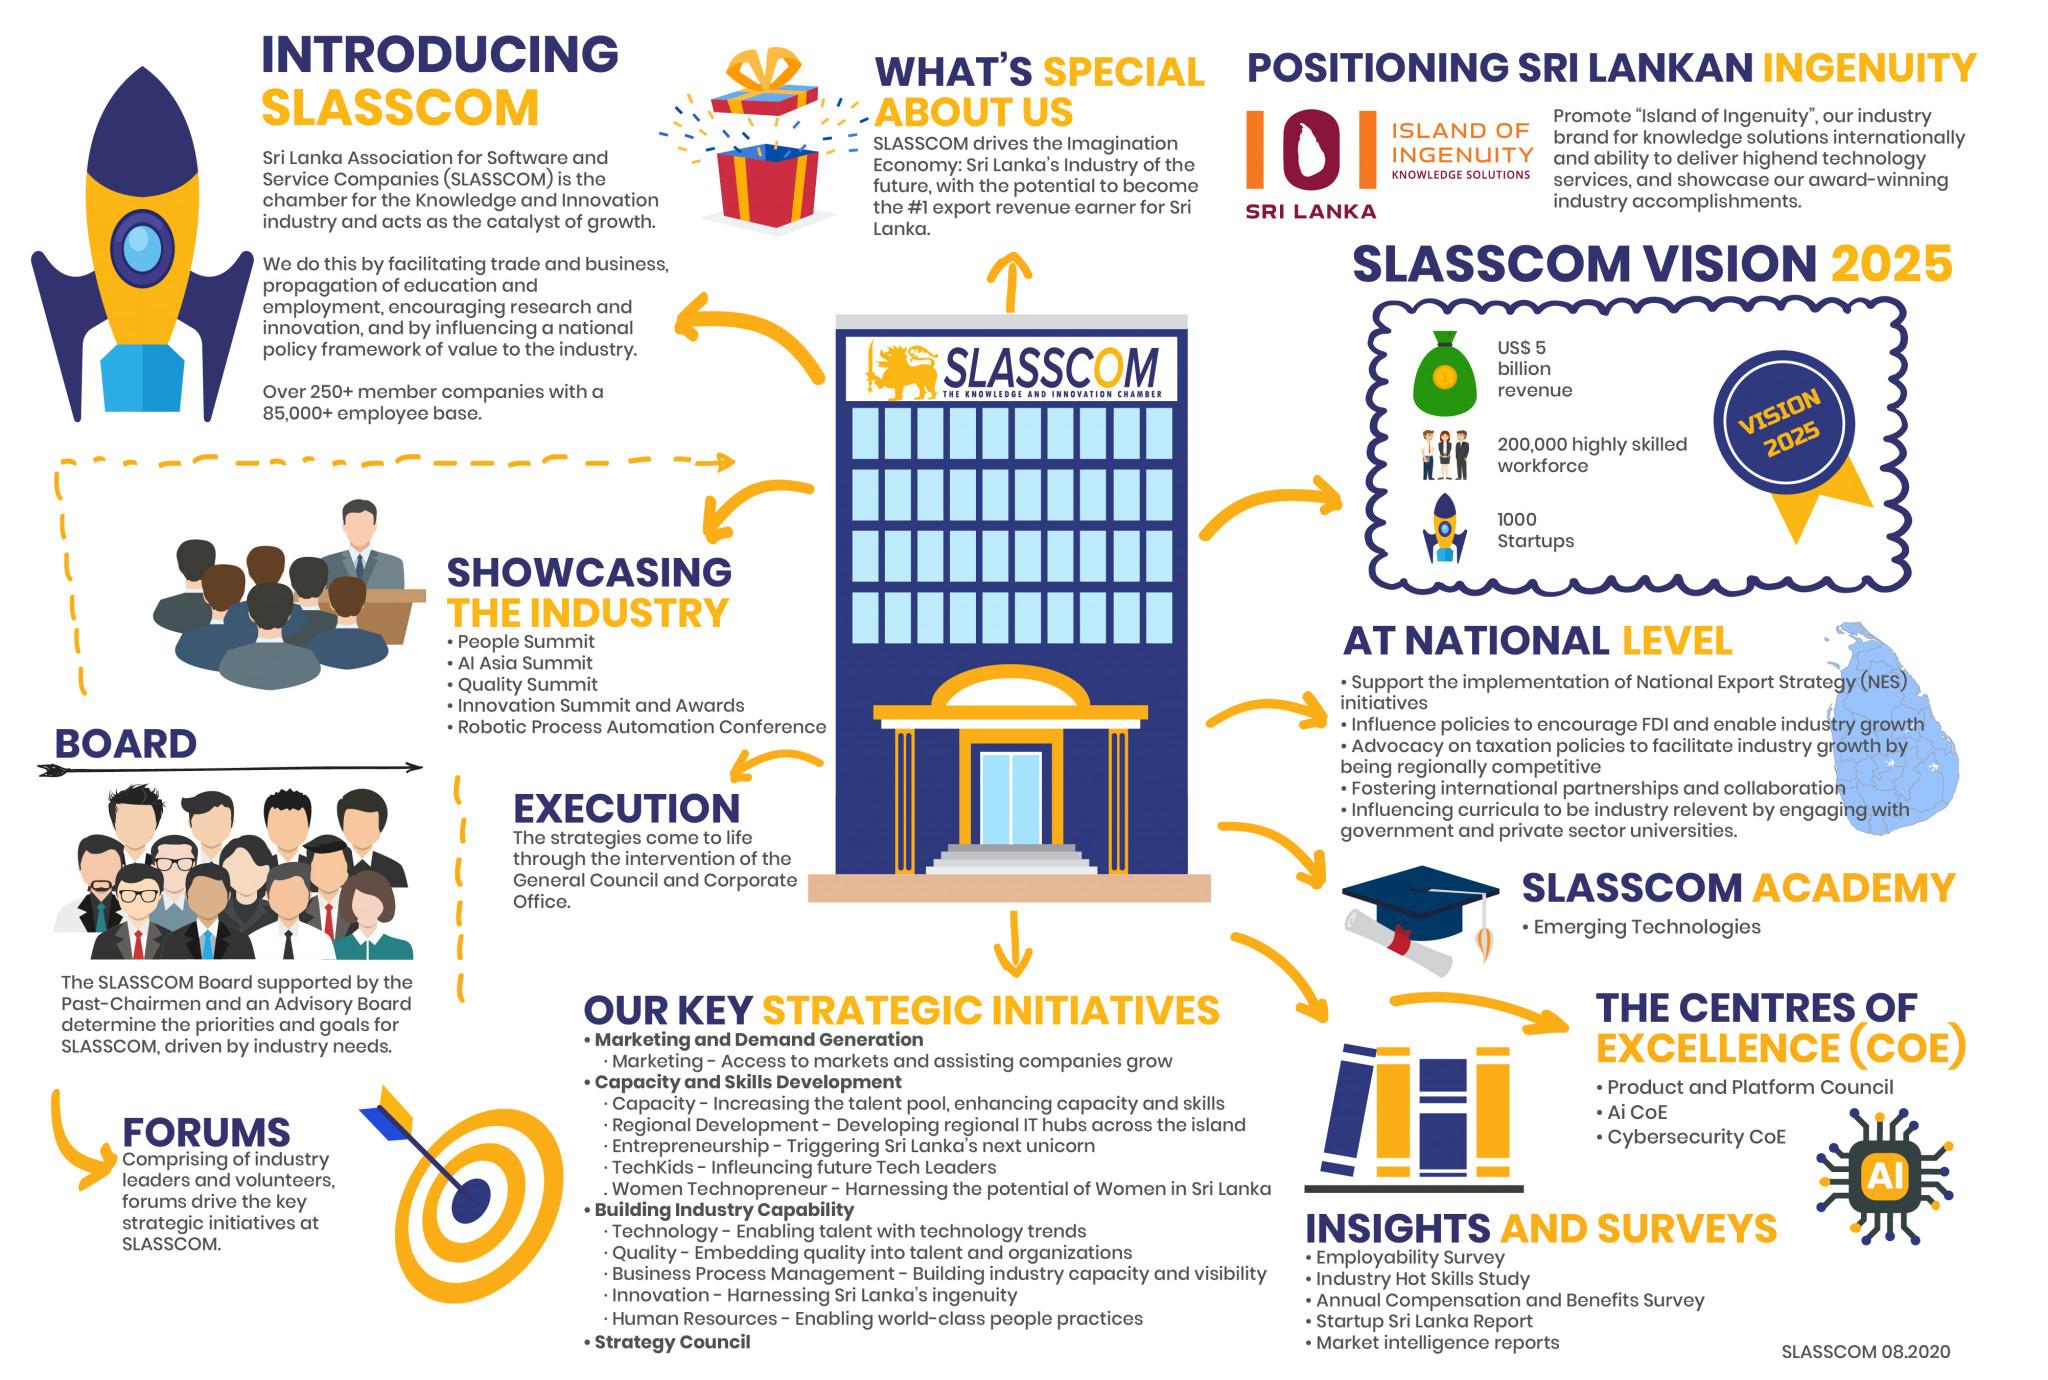 SLASSCOM Overview